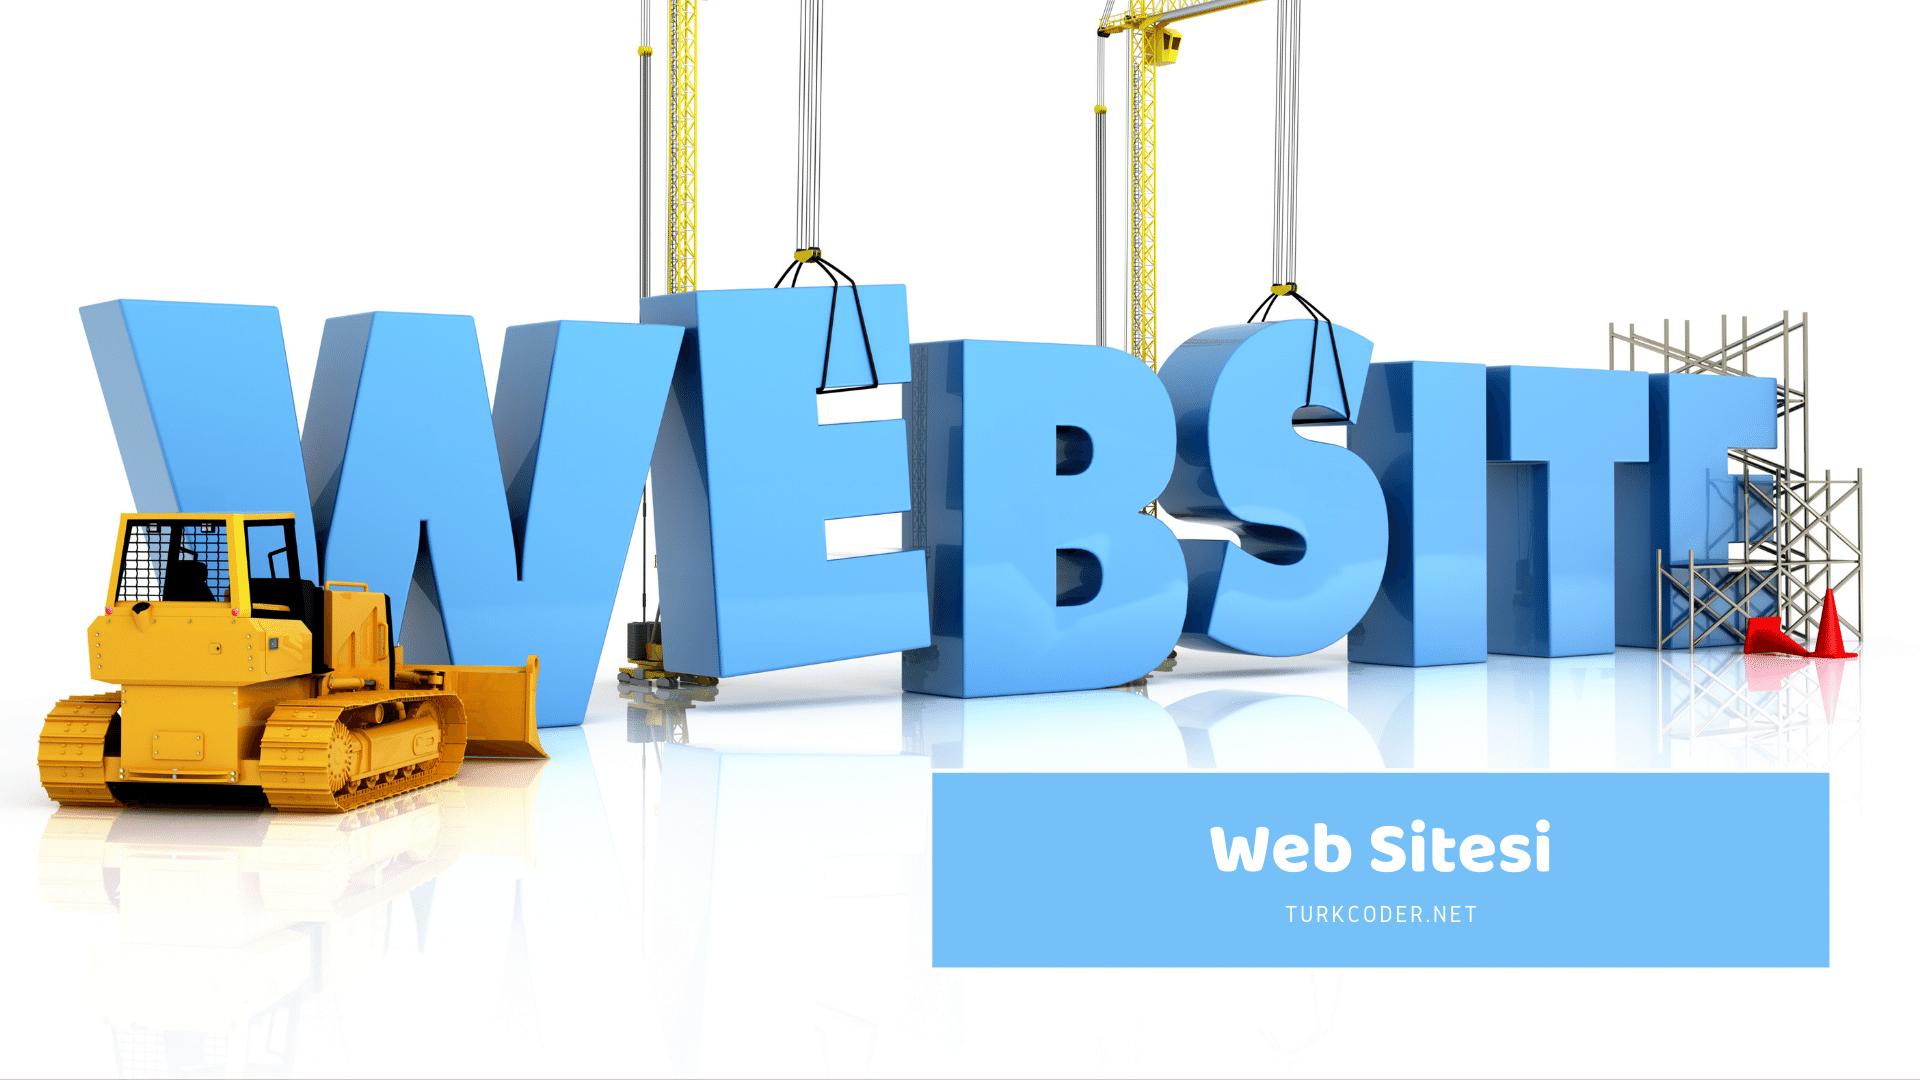 Web Sitesinin Olmazsa Olmazları